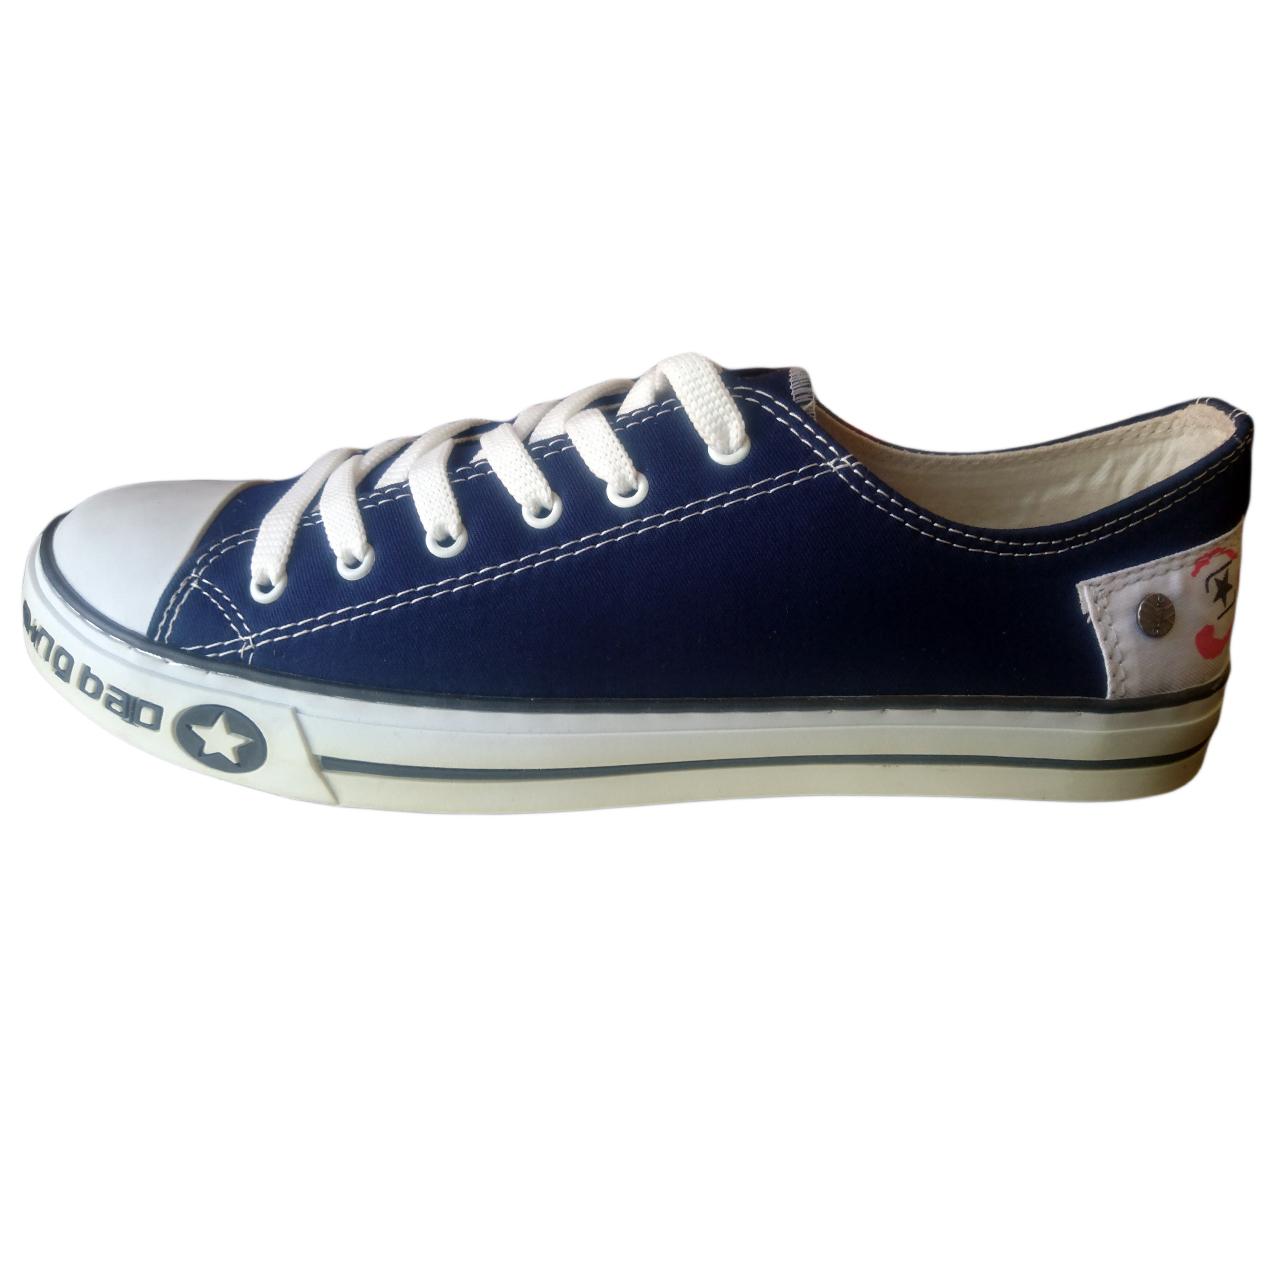 قیمت کفش راحتی کانورس مدل All Star ming bao